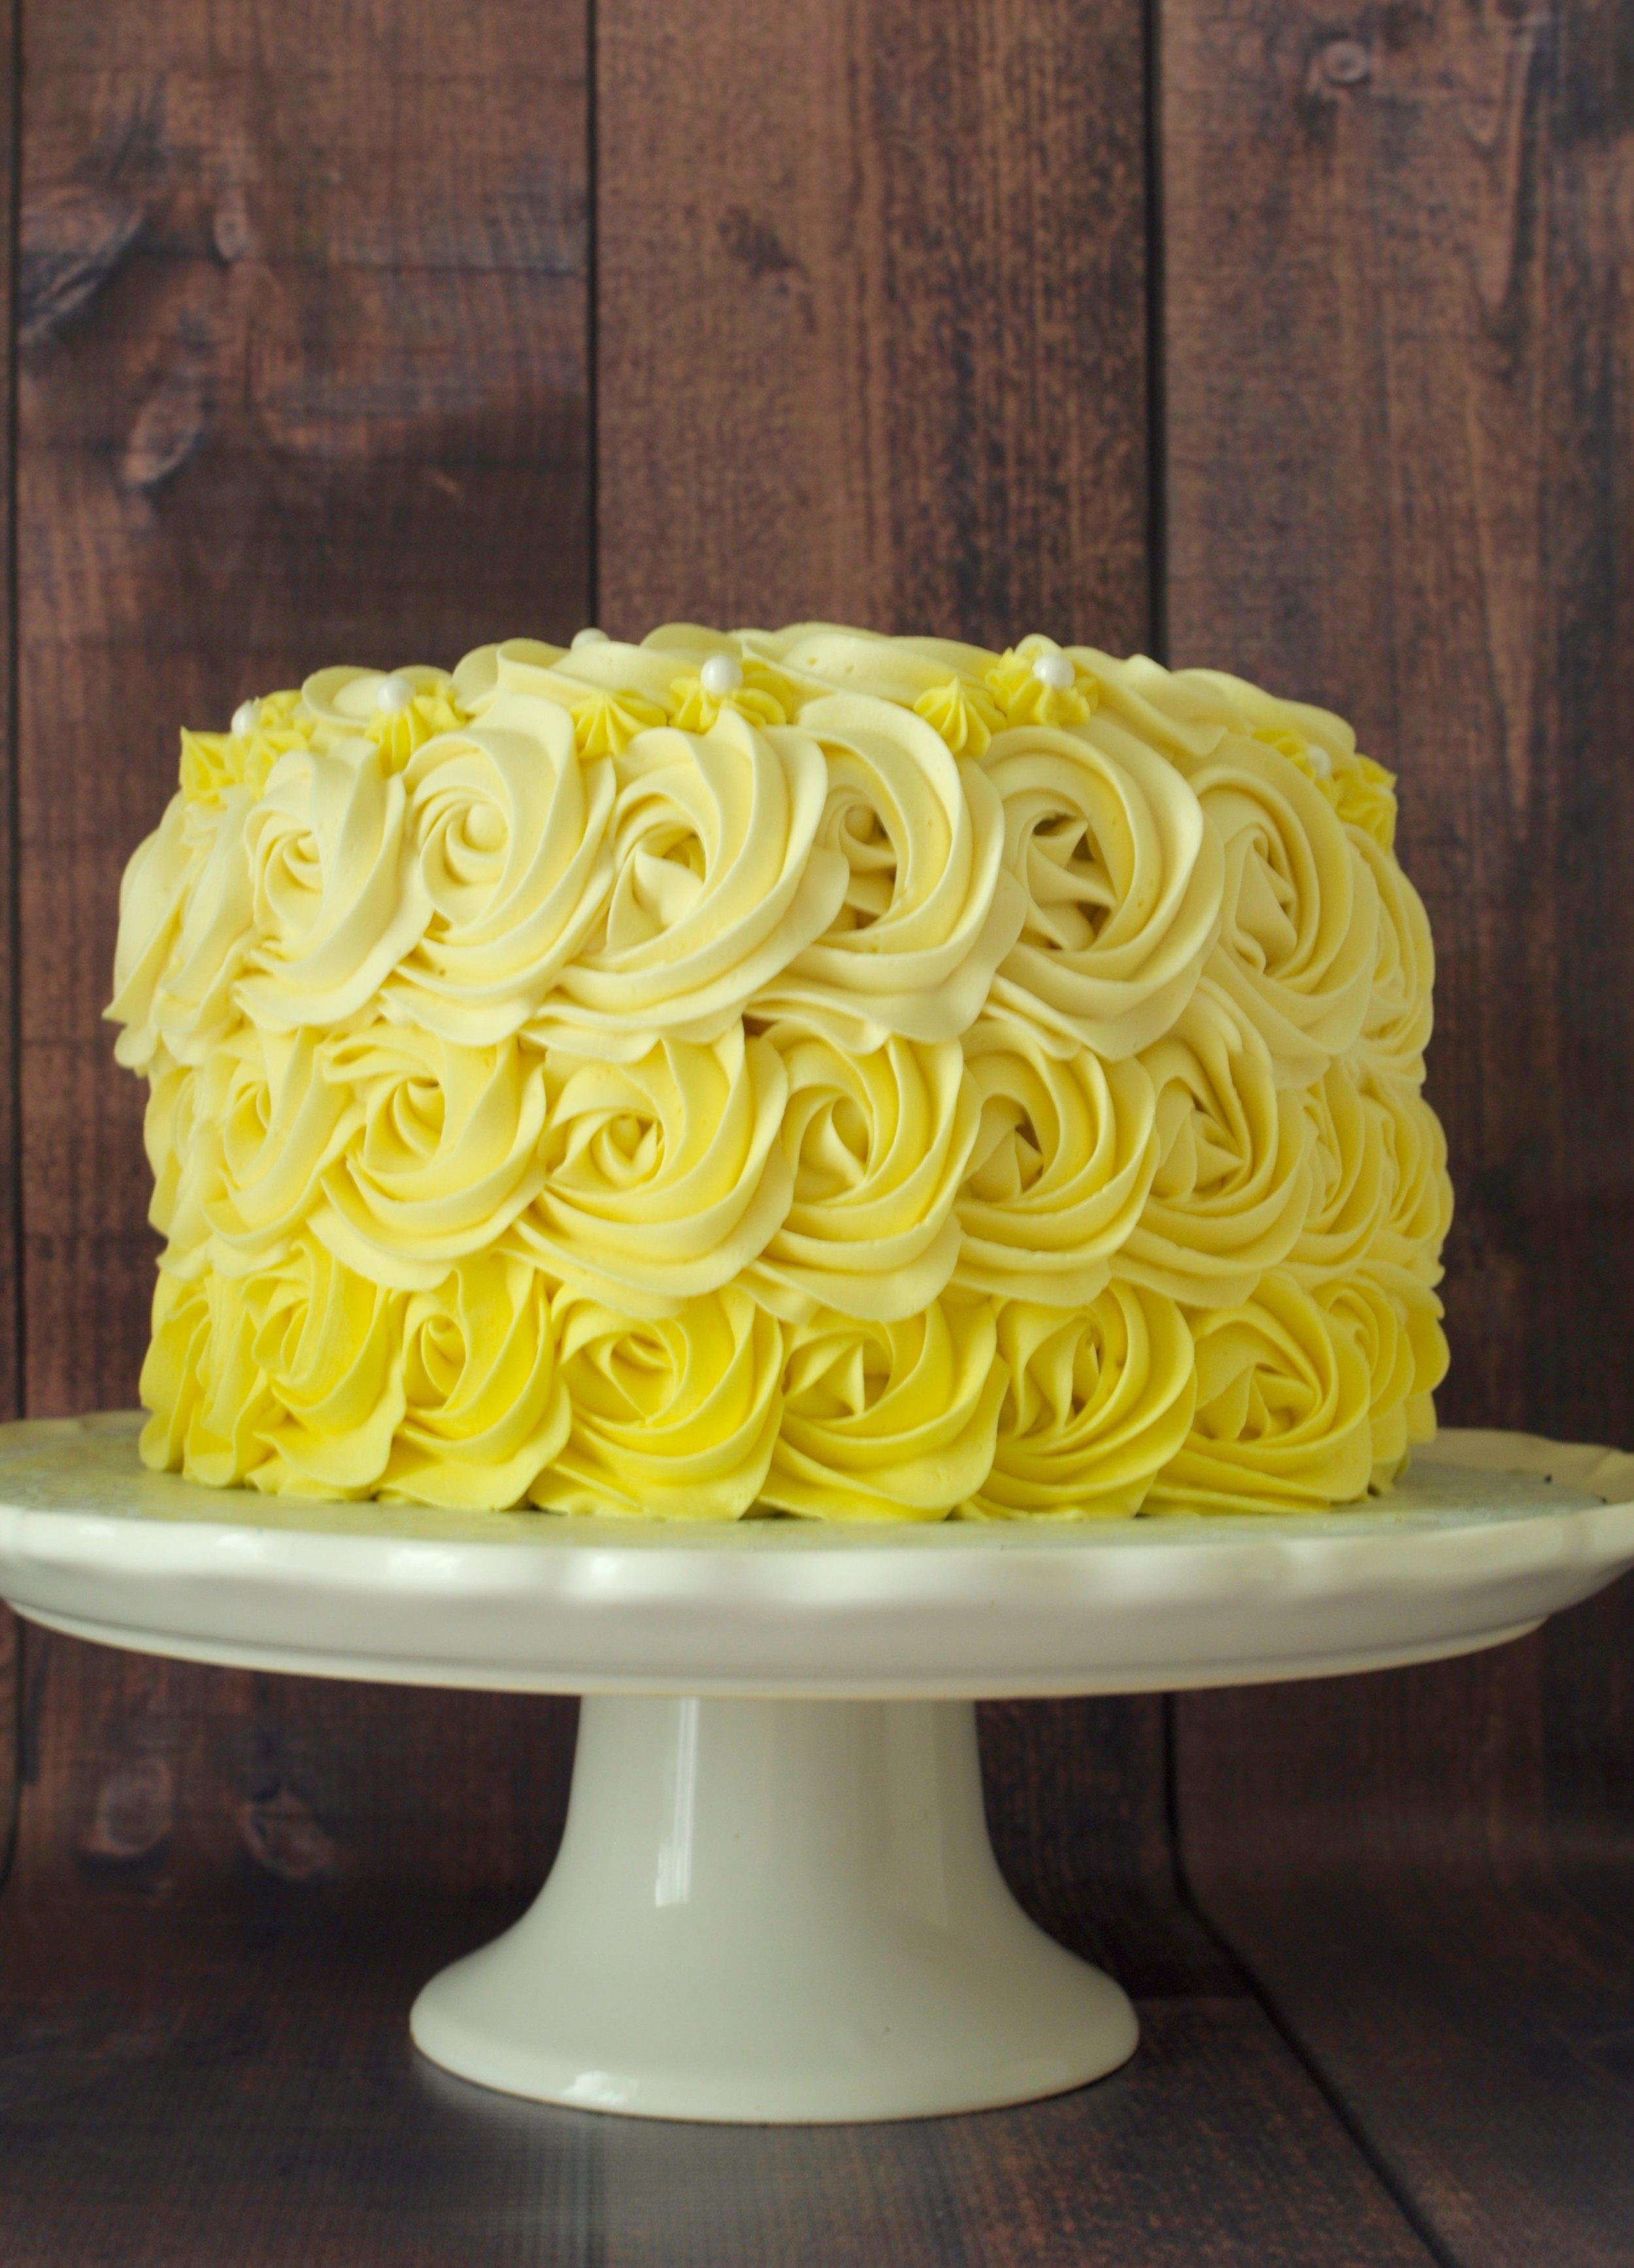 Rosette Cake ($27-$70)